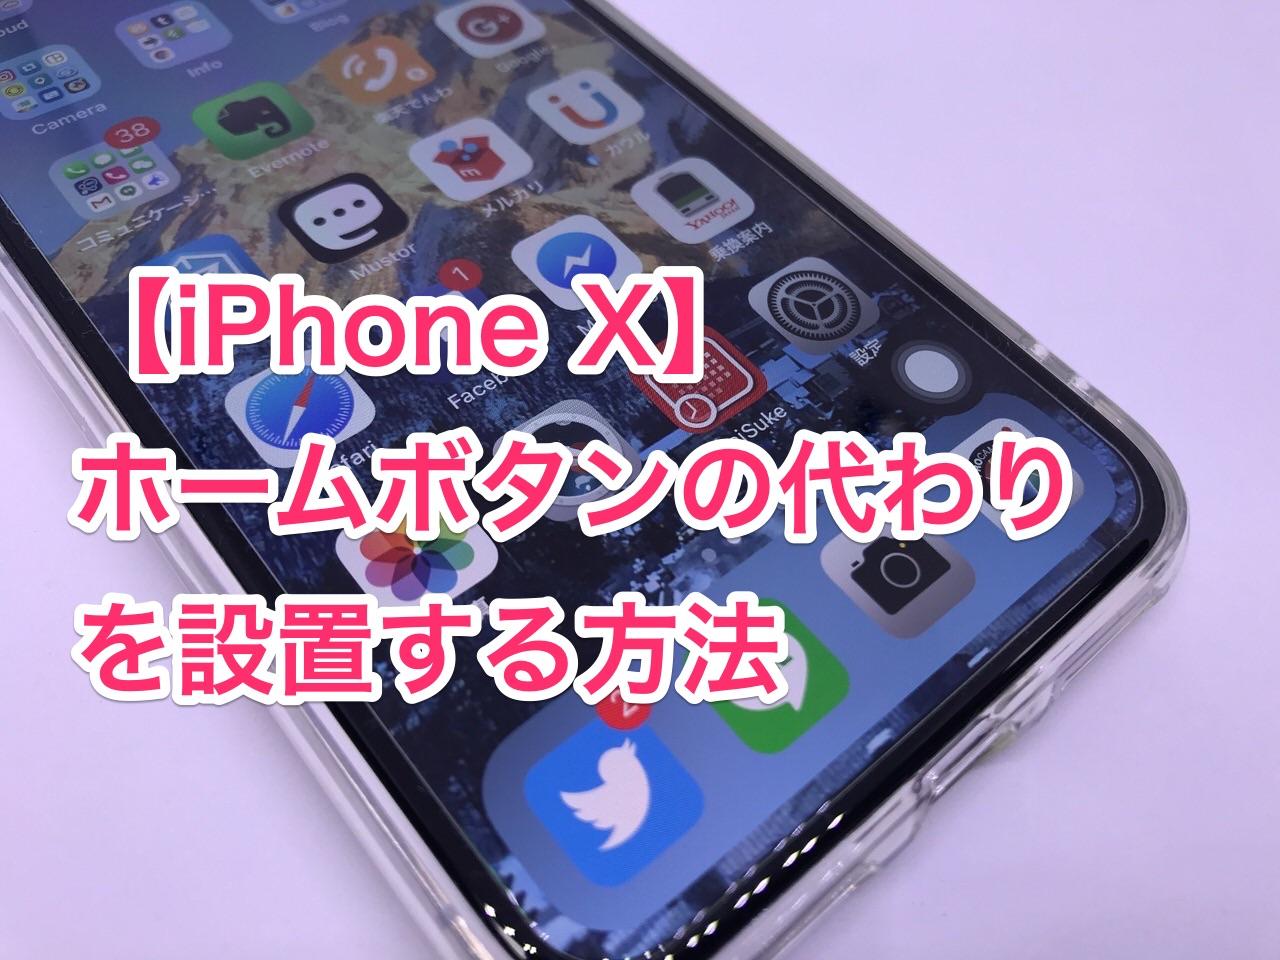 【iPhone X】ホームボタンの代わりを設置する方法